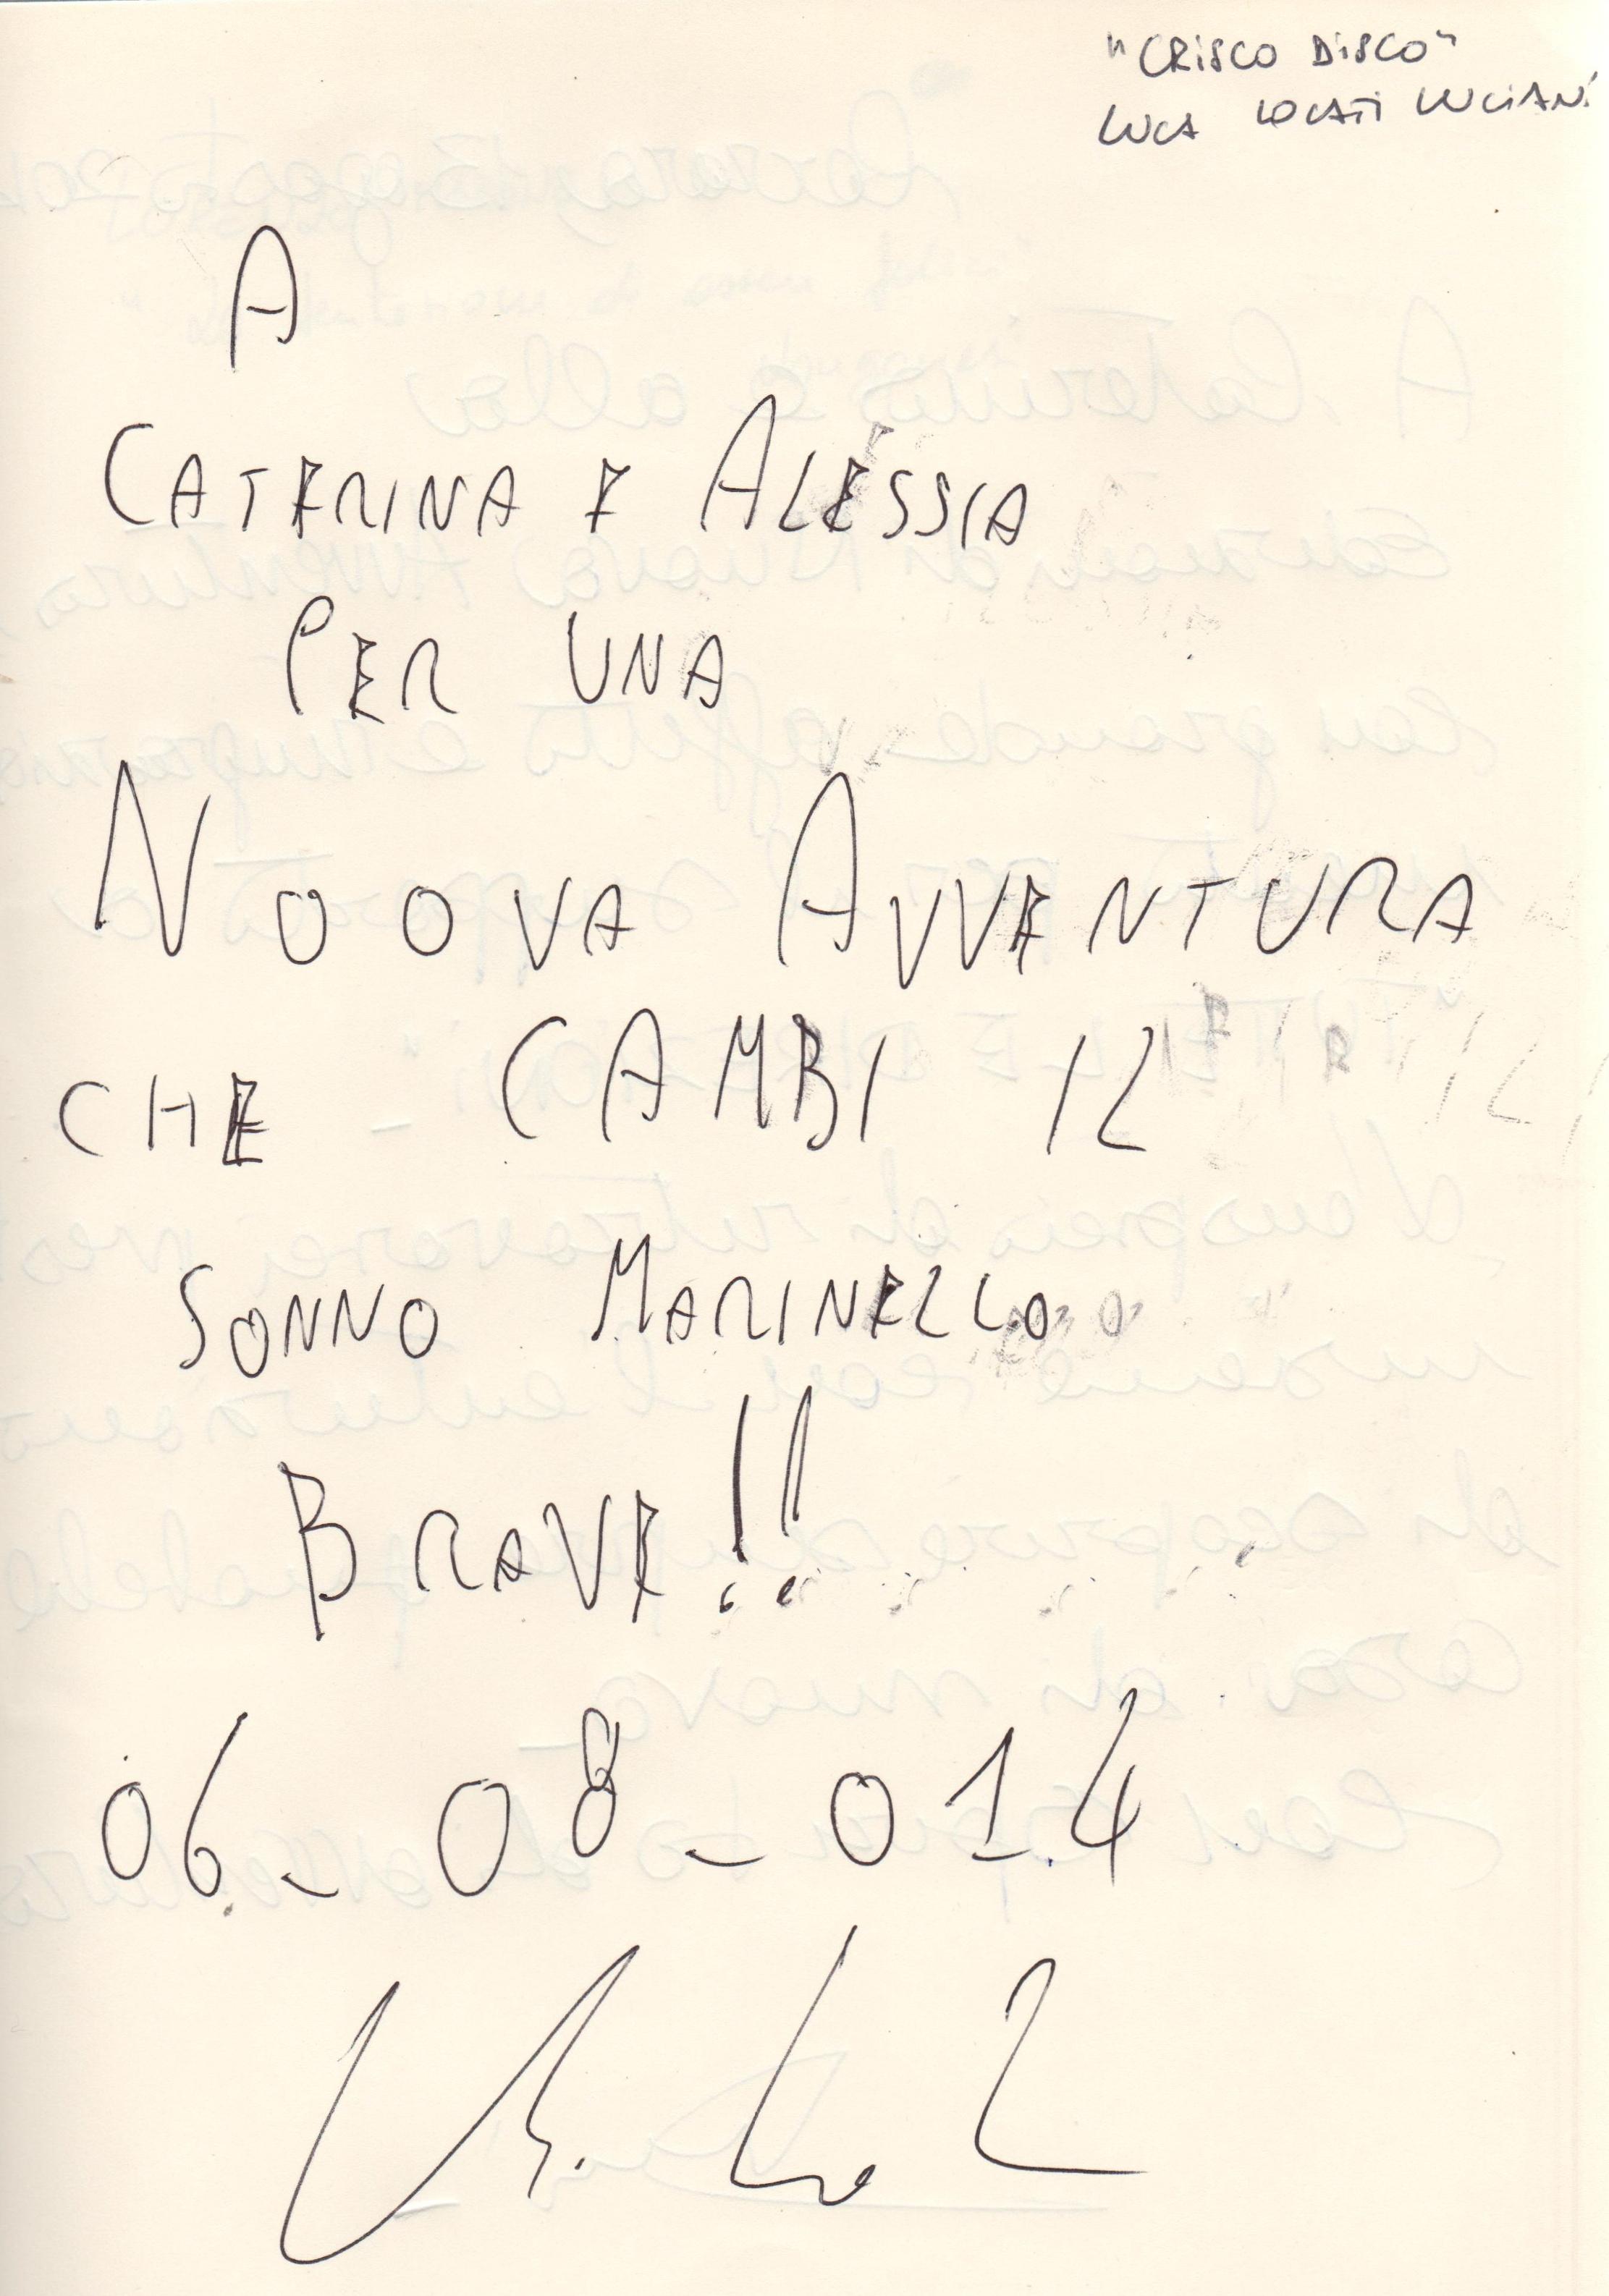 """""""Crisco disco"""" di Luca Locati Luciani"""